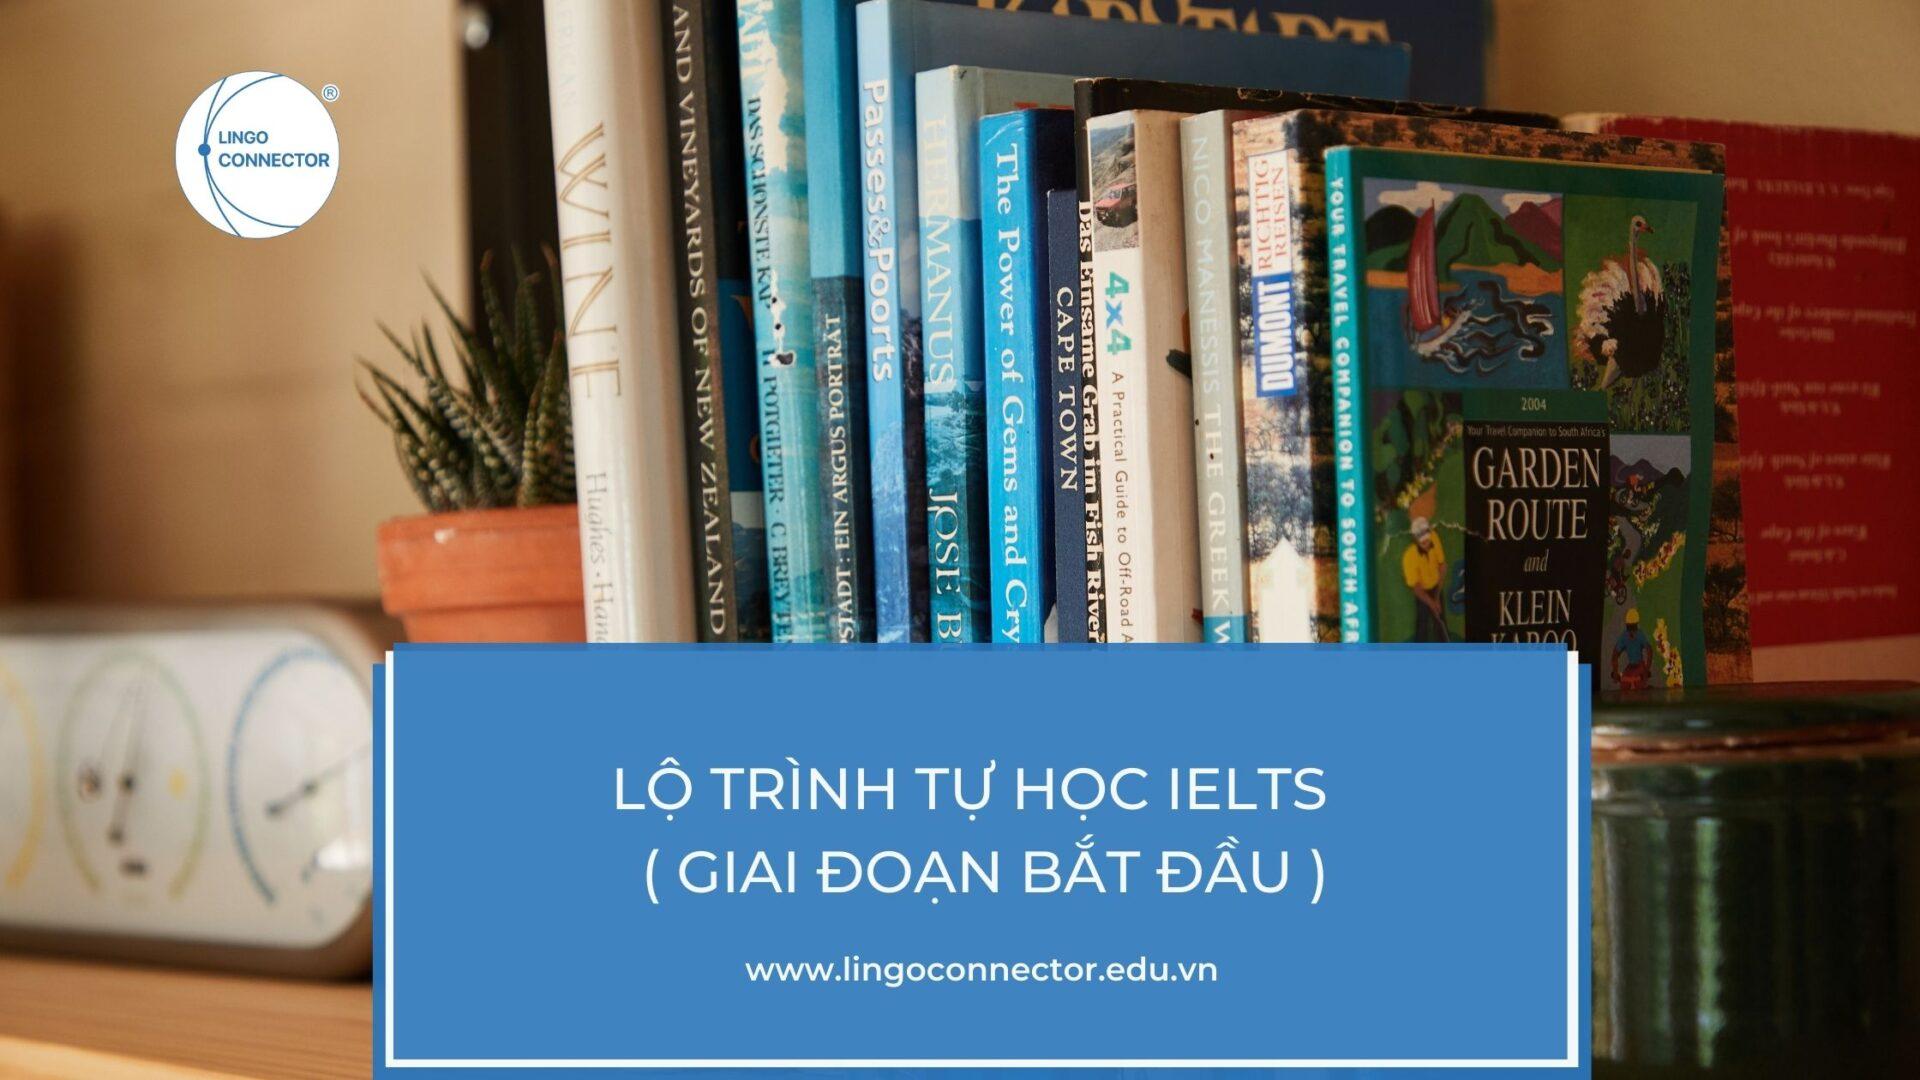 Lộ trình tự học IELTS – IELTS Lingo ( giai đoạn bắt đầu )